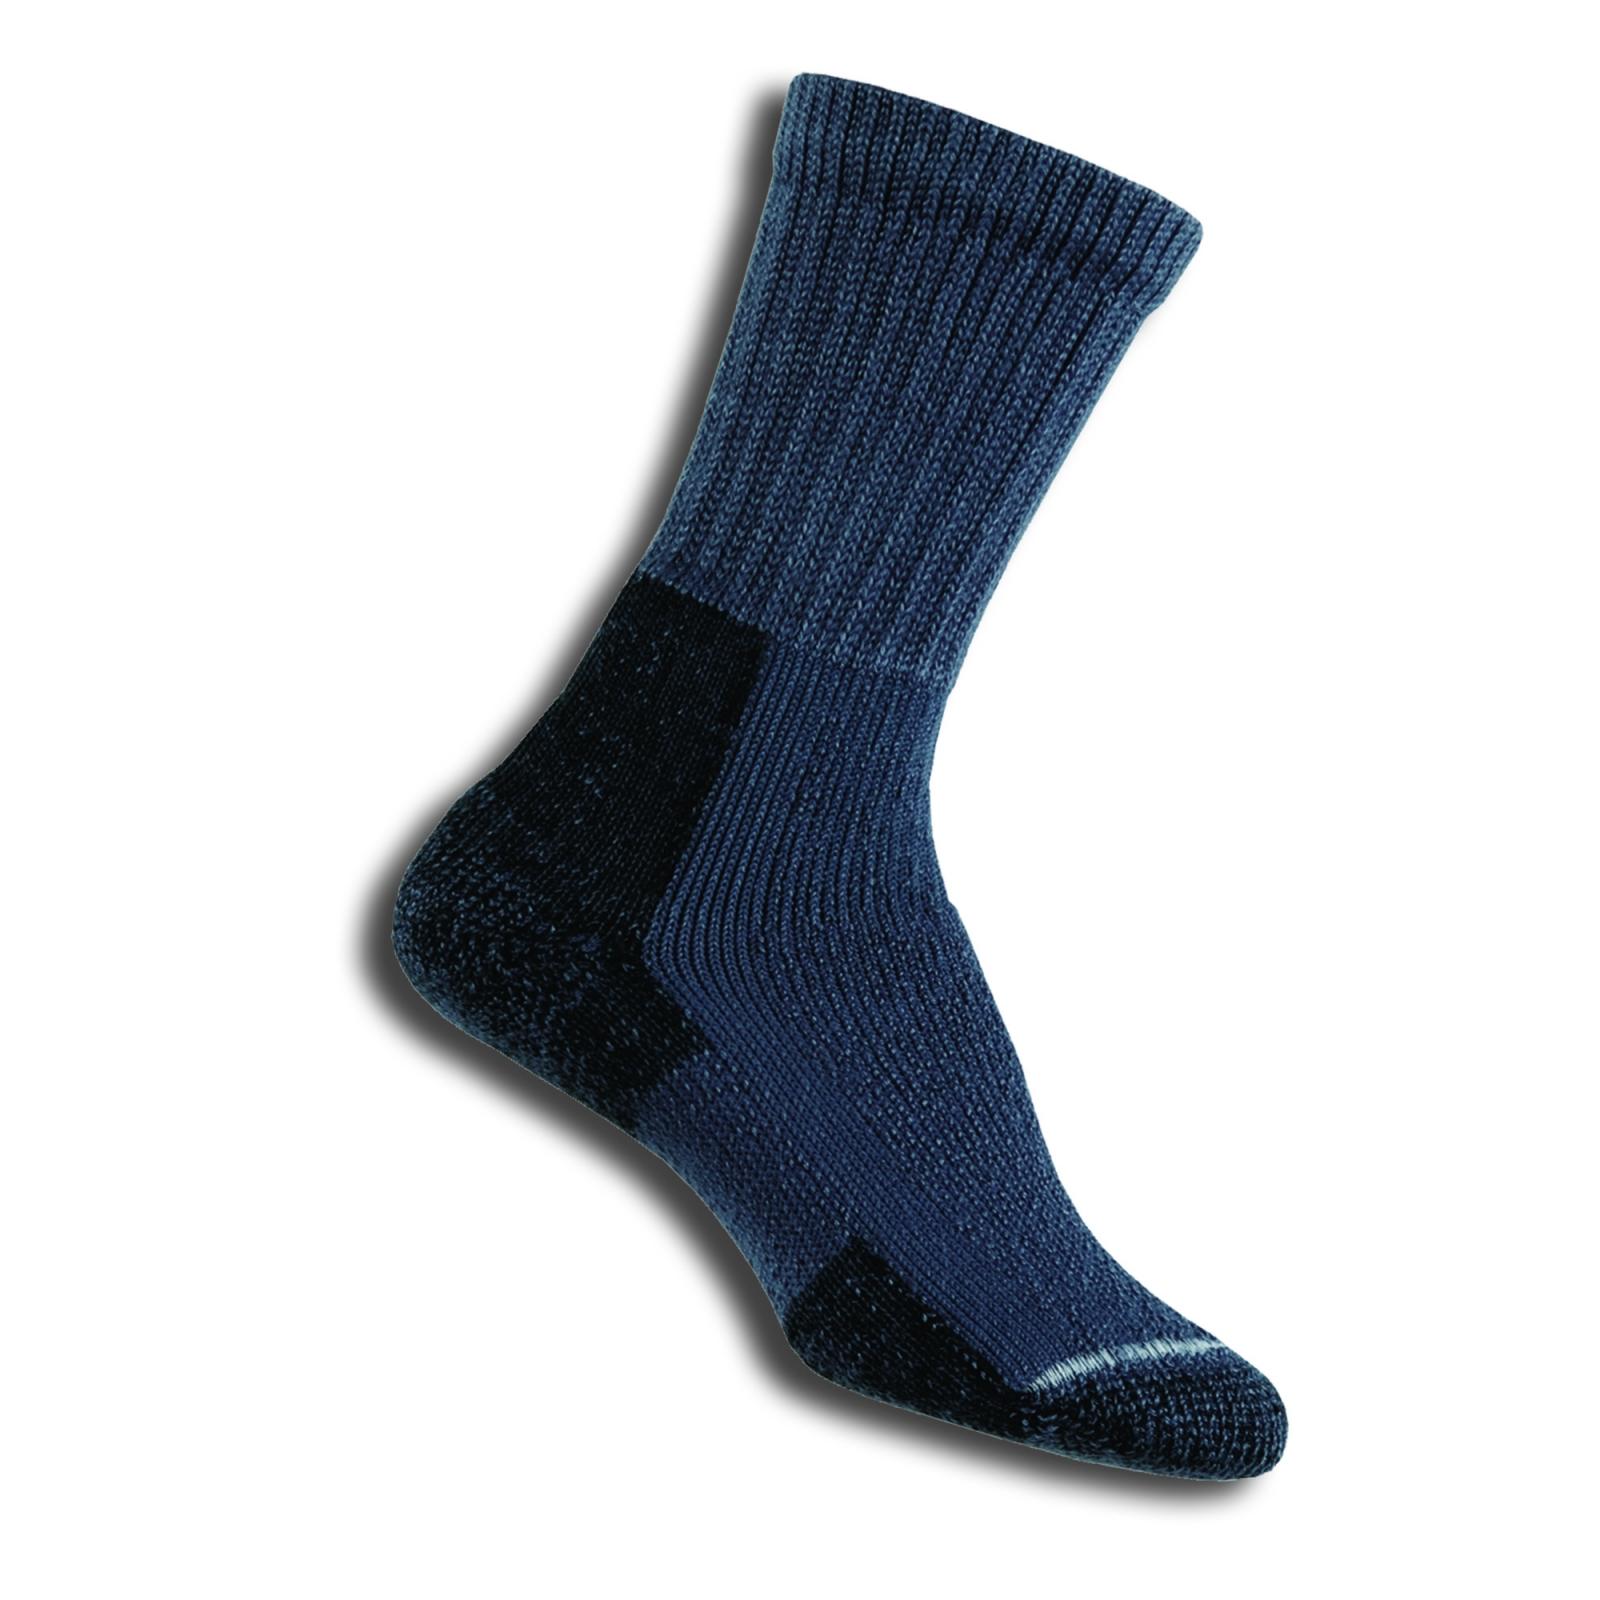 KXW Hiking Socks Crew